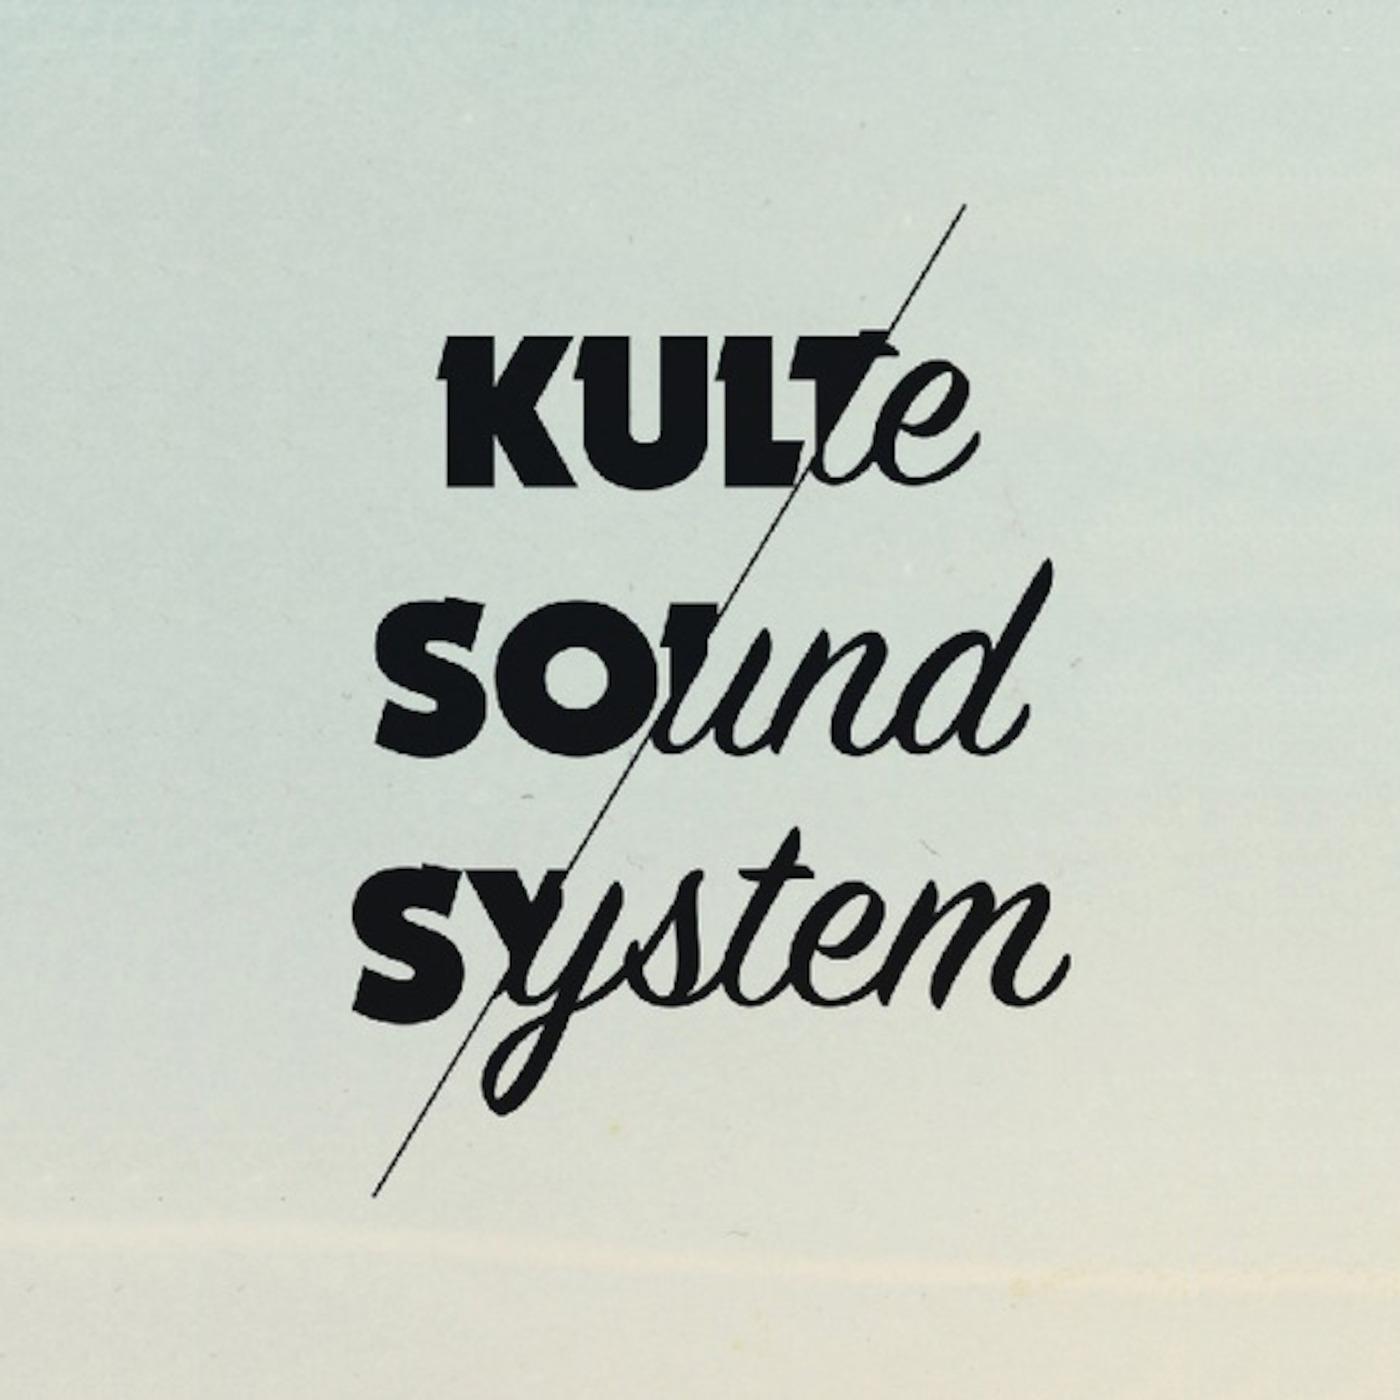 Kulte Sound System